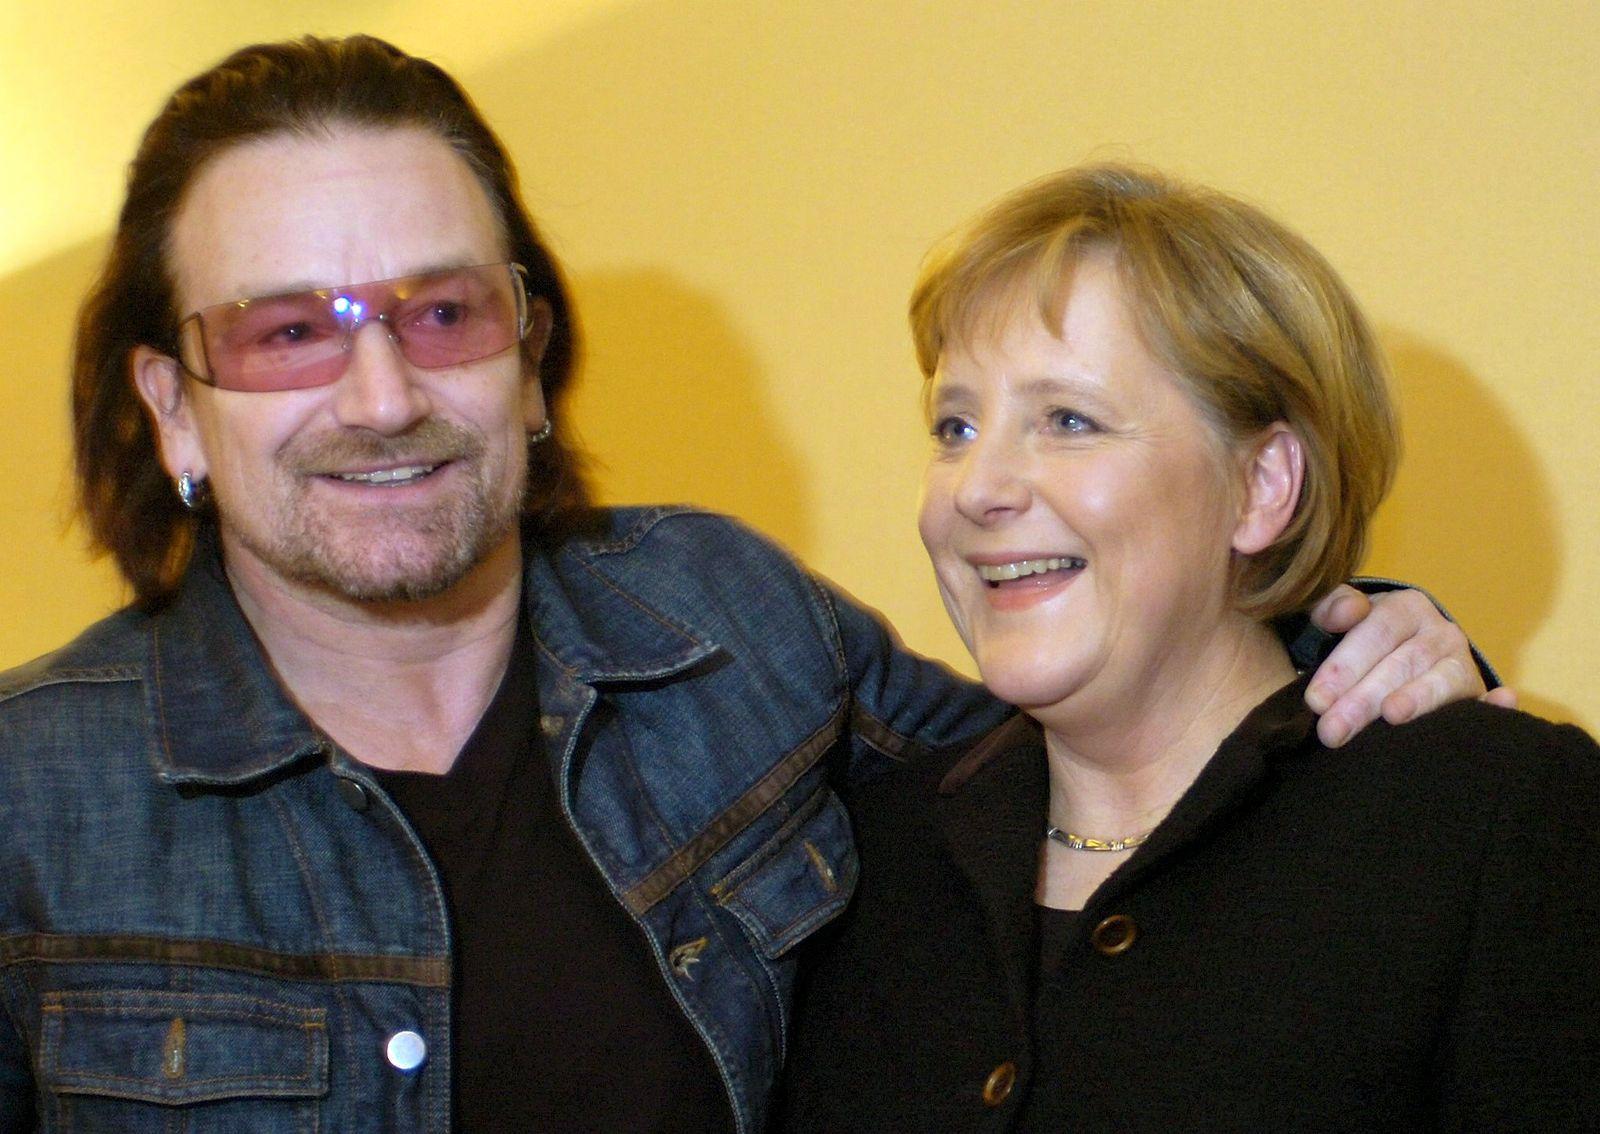 Merkel 2006/ Bono